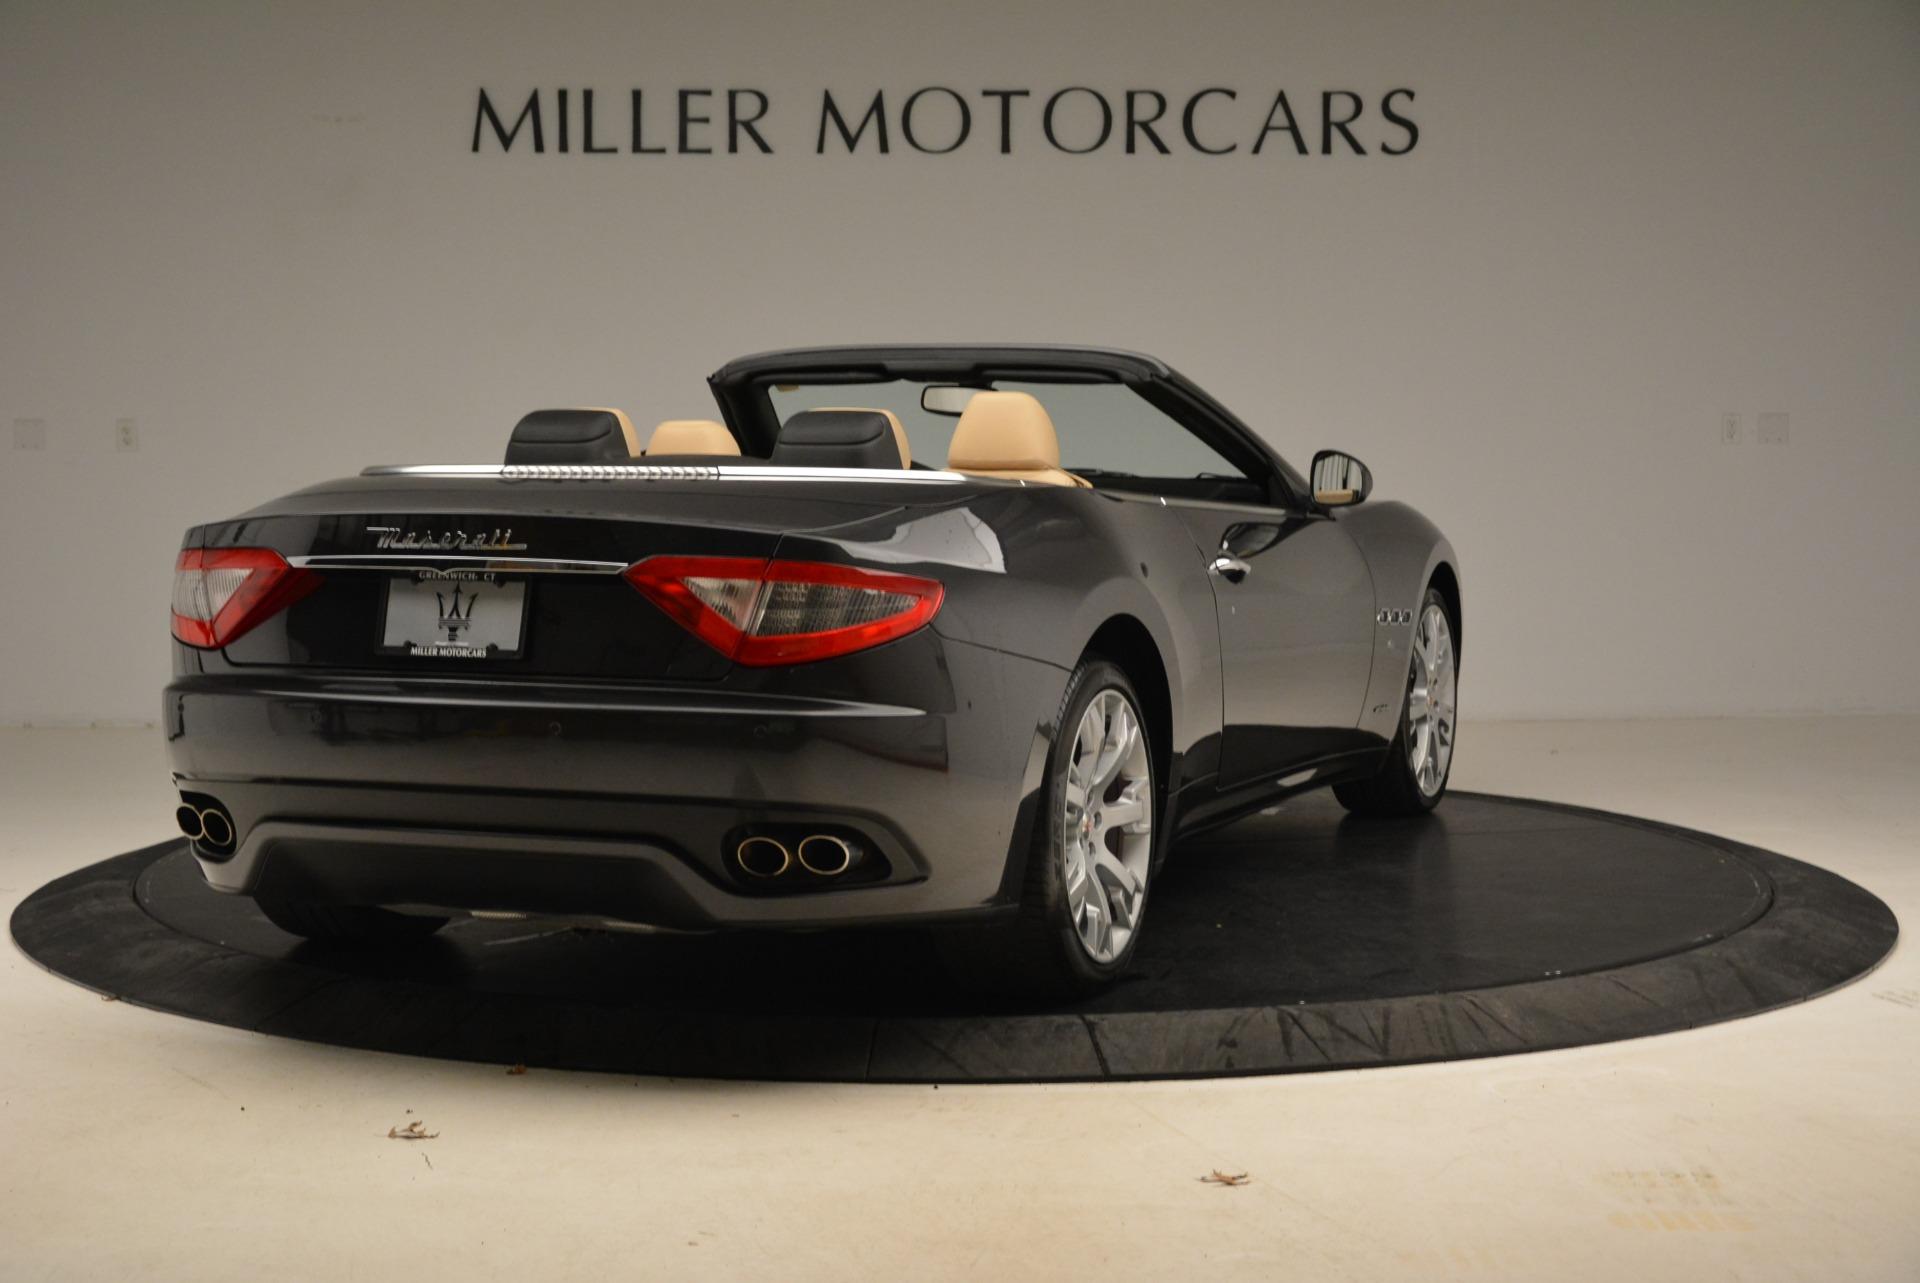 Used 2013 Maserati GranTurismo Convertible  For Sale In Greenwich, CT 2050_p7